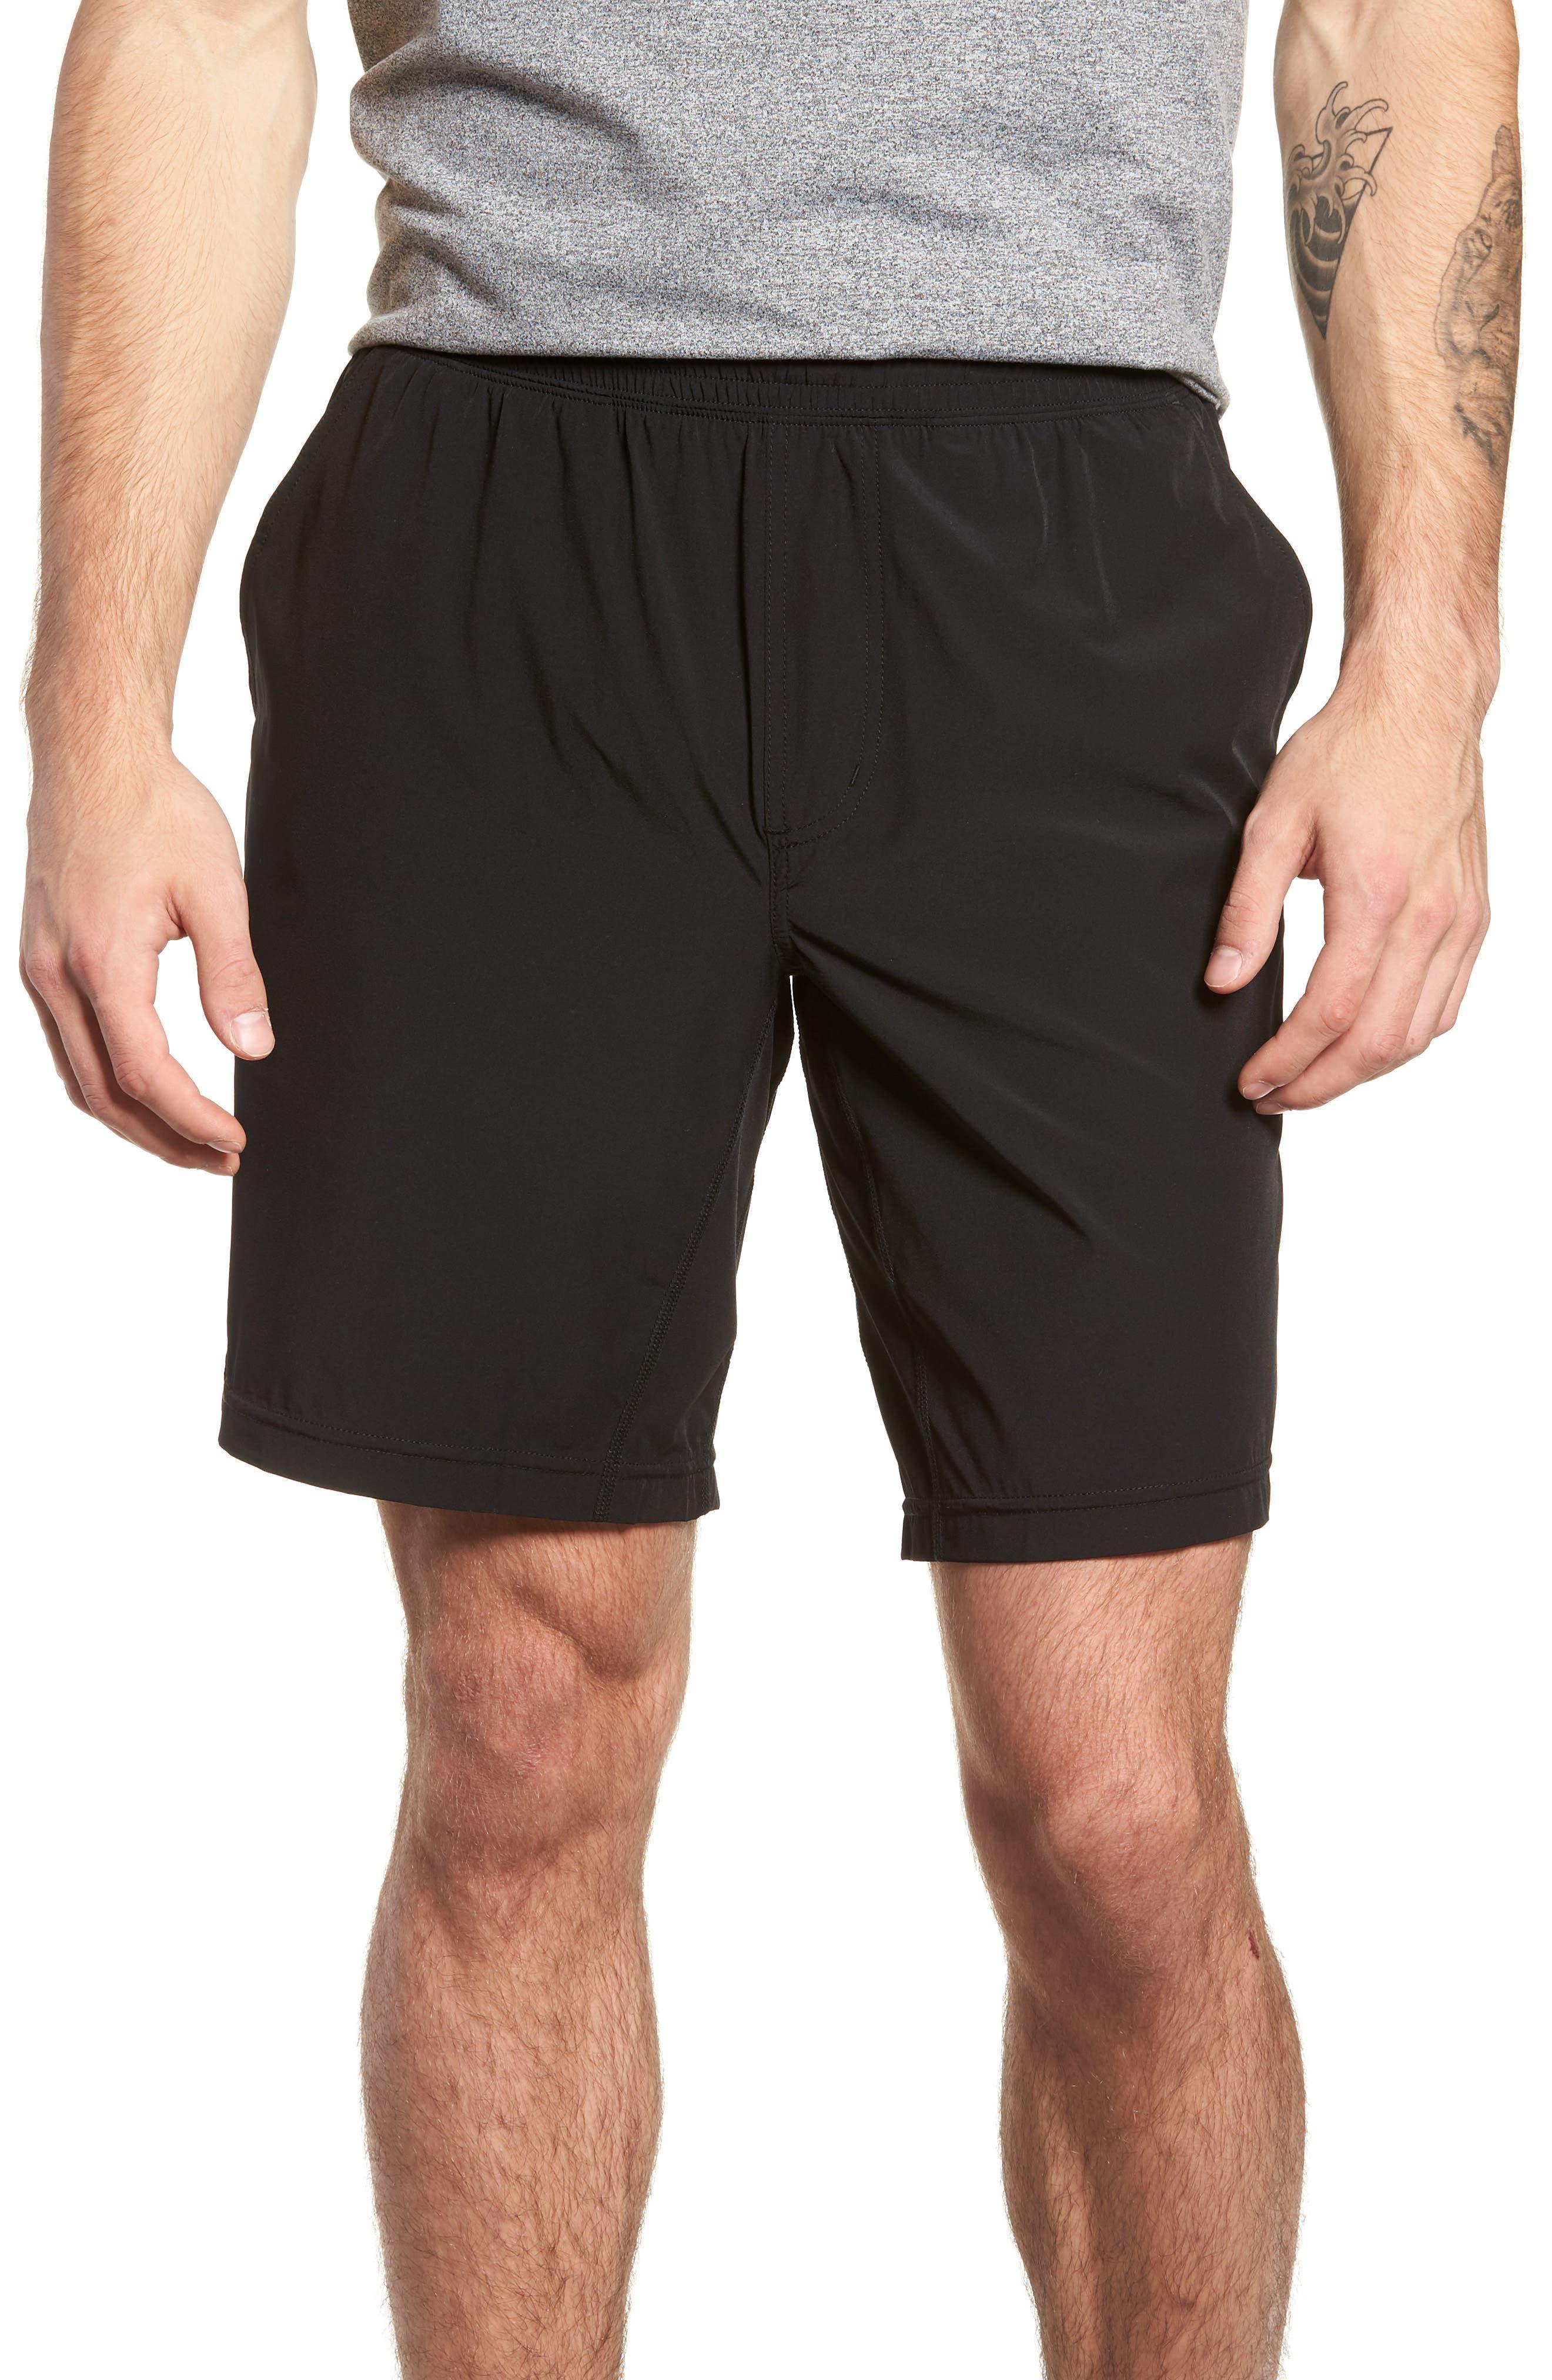 Rhone Mako Training Shorts, Black